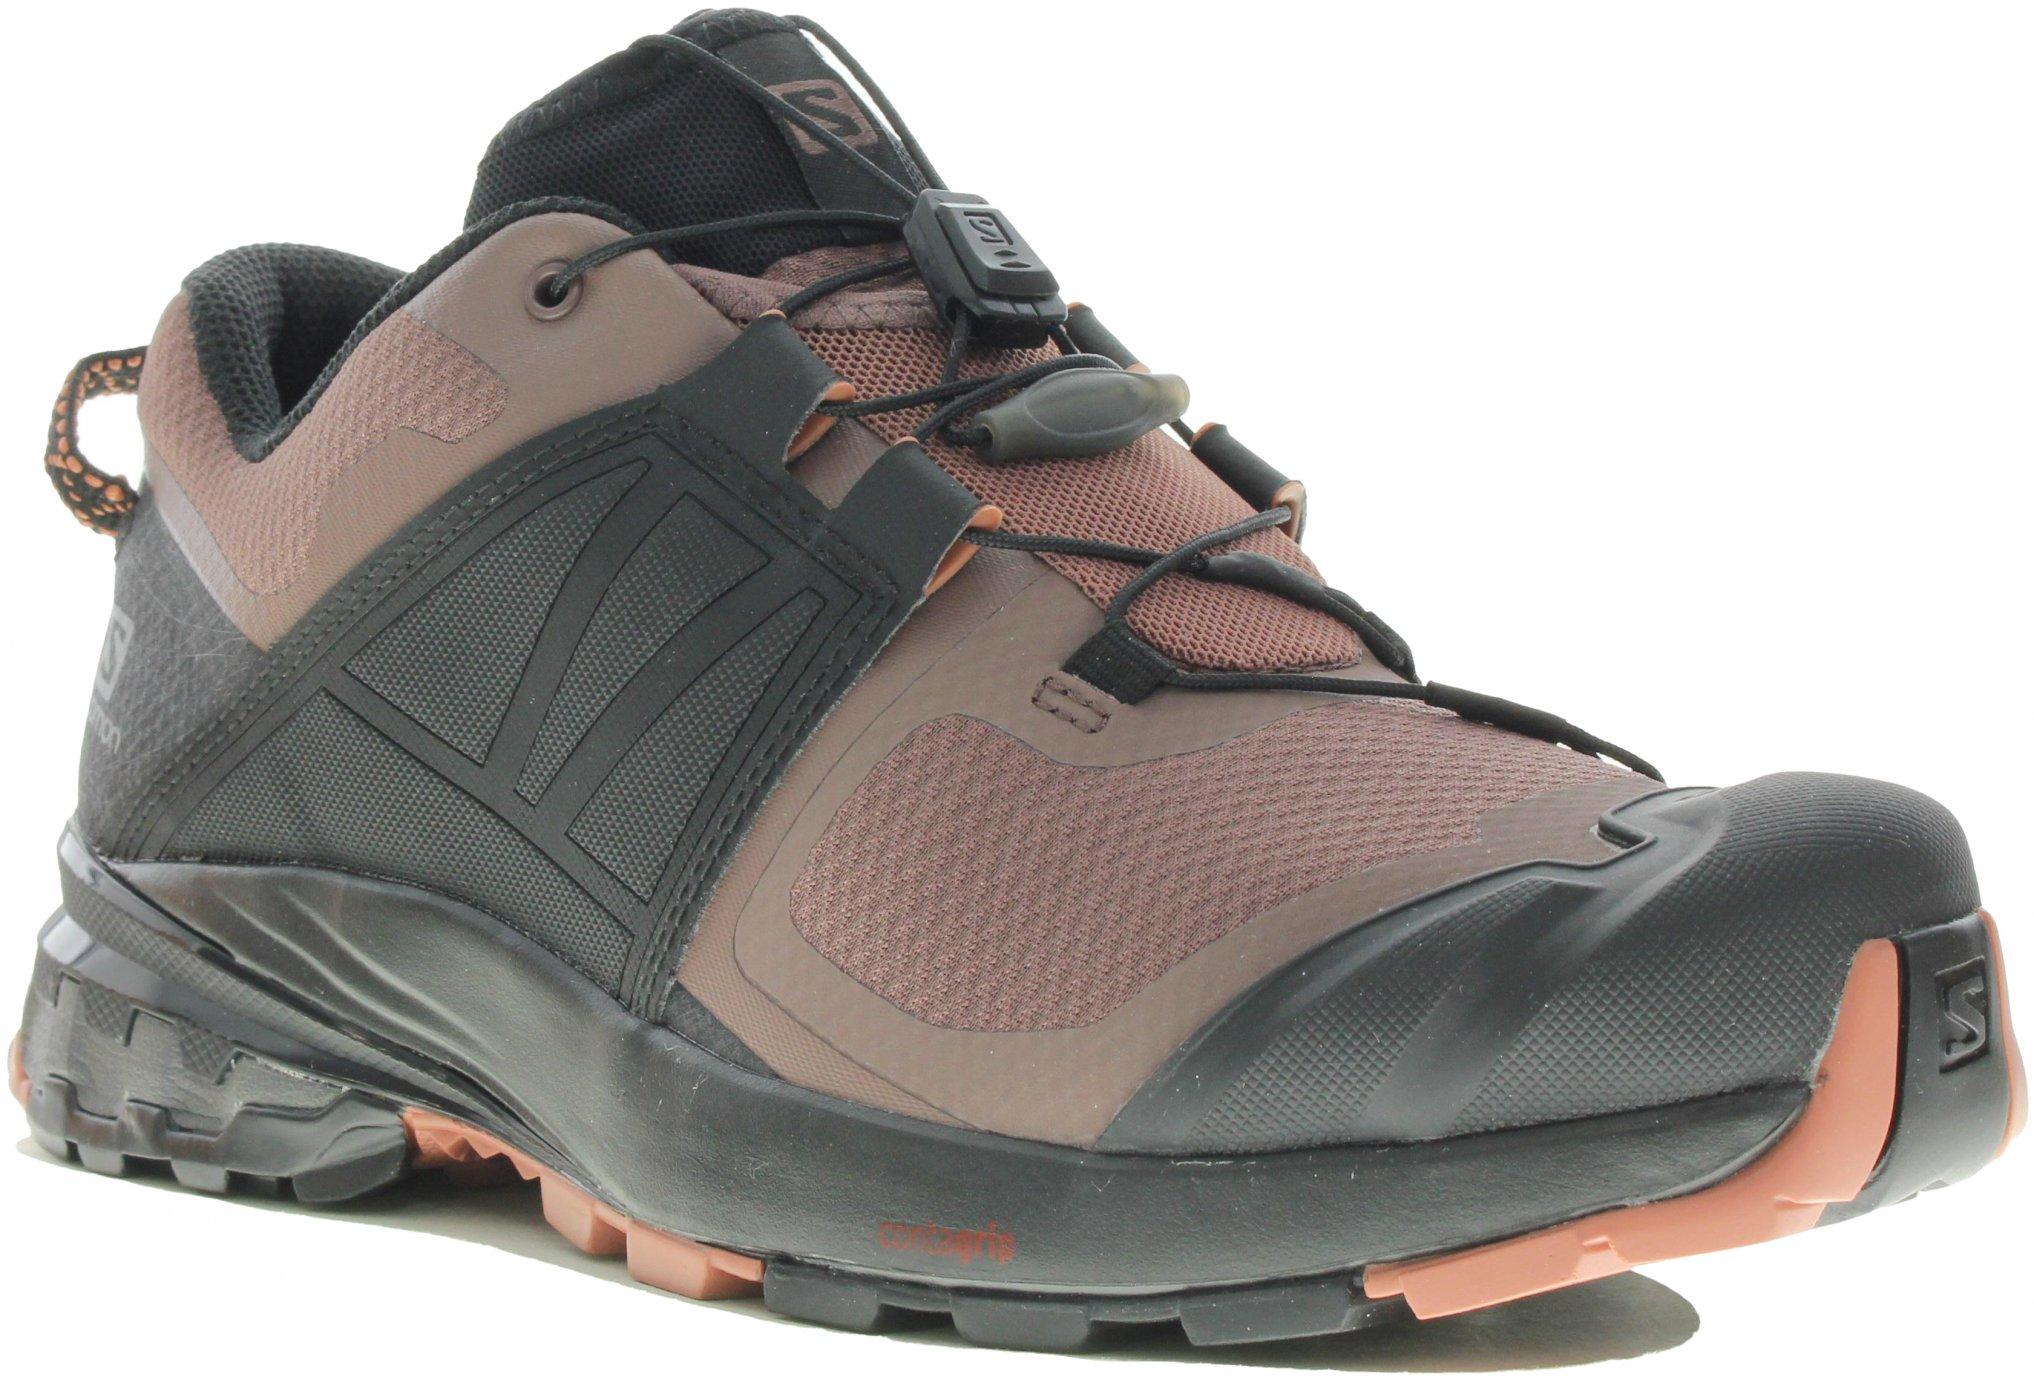 Salomon XA Wild W Chaussures running femme